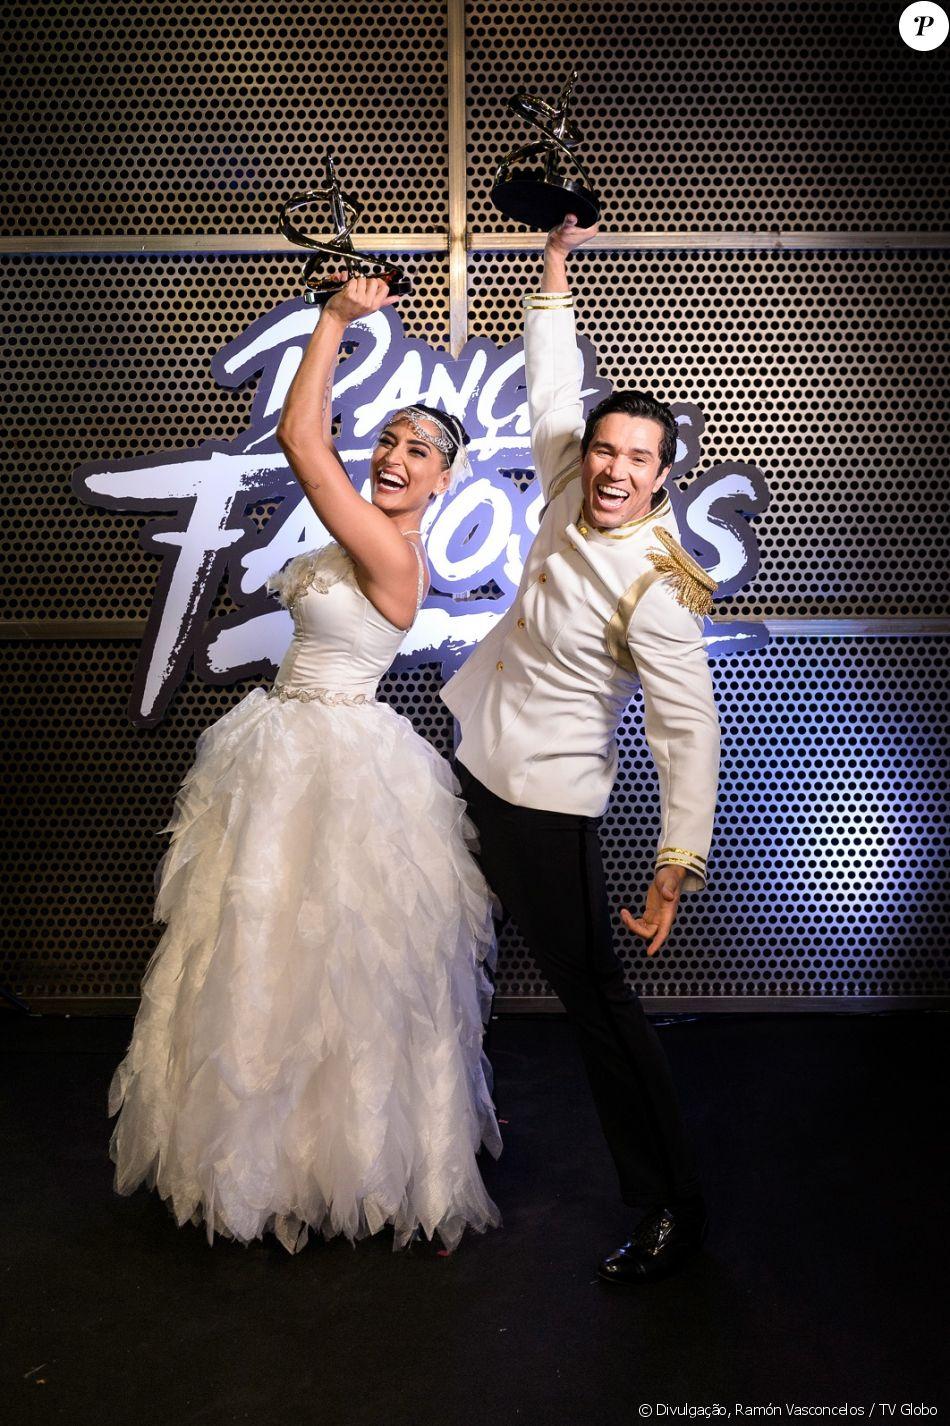 Maria Joana vence o 'Dança dos Famosos', em 17 de dezembro de 2017